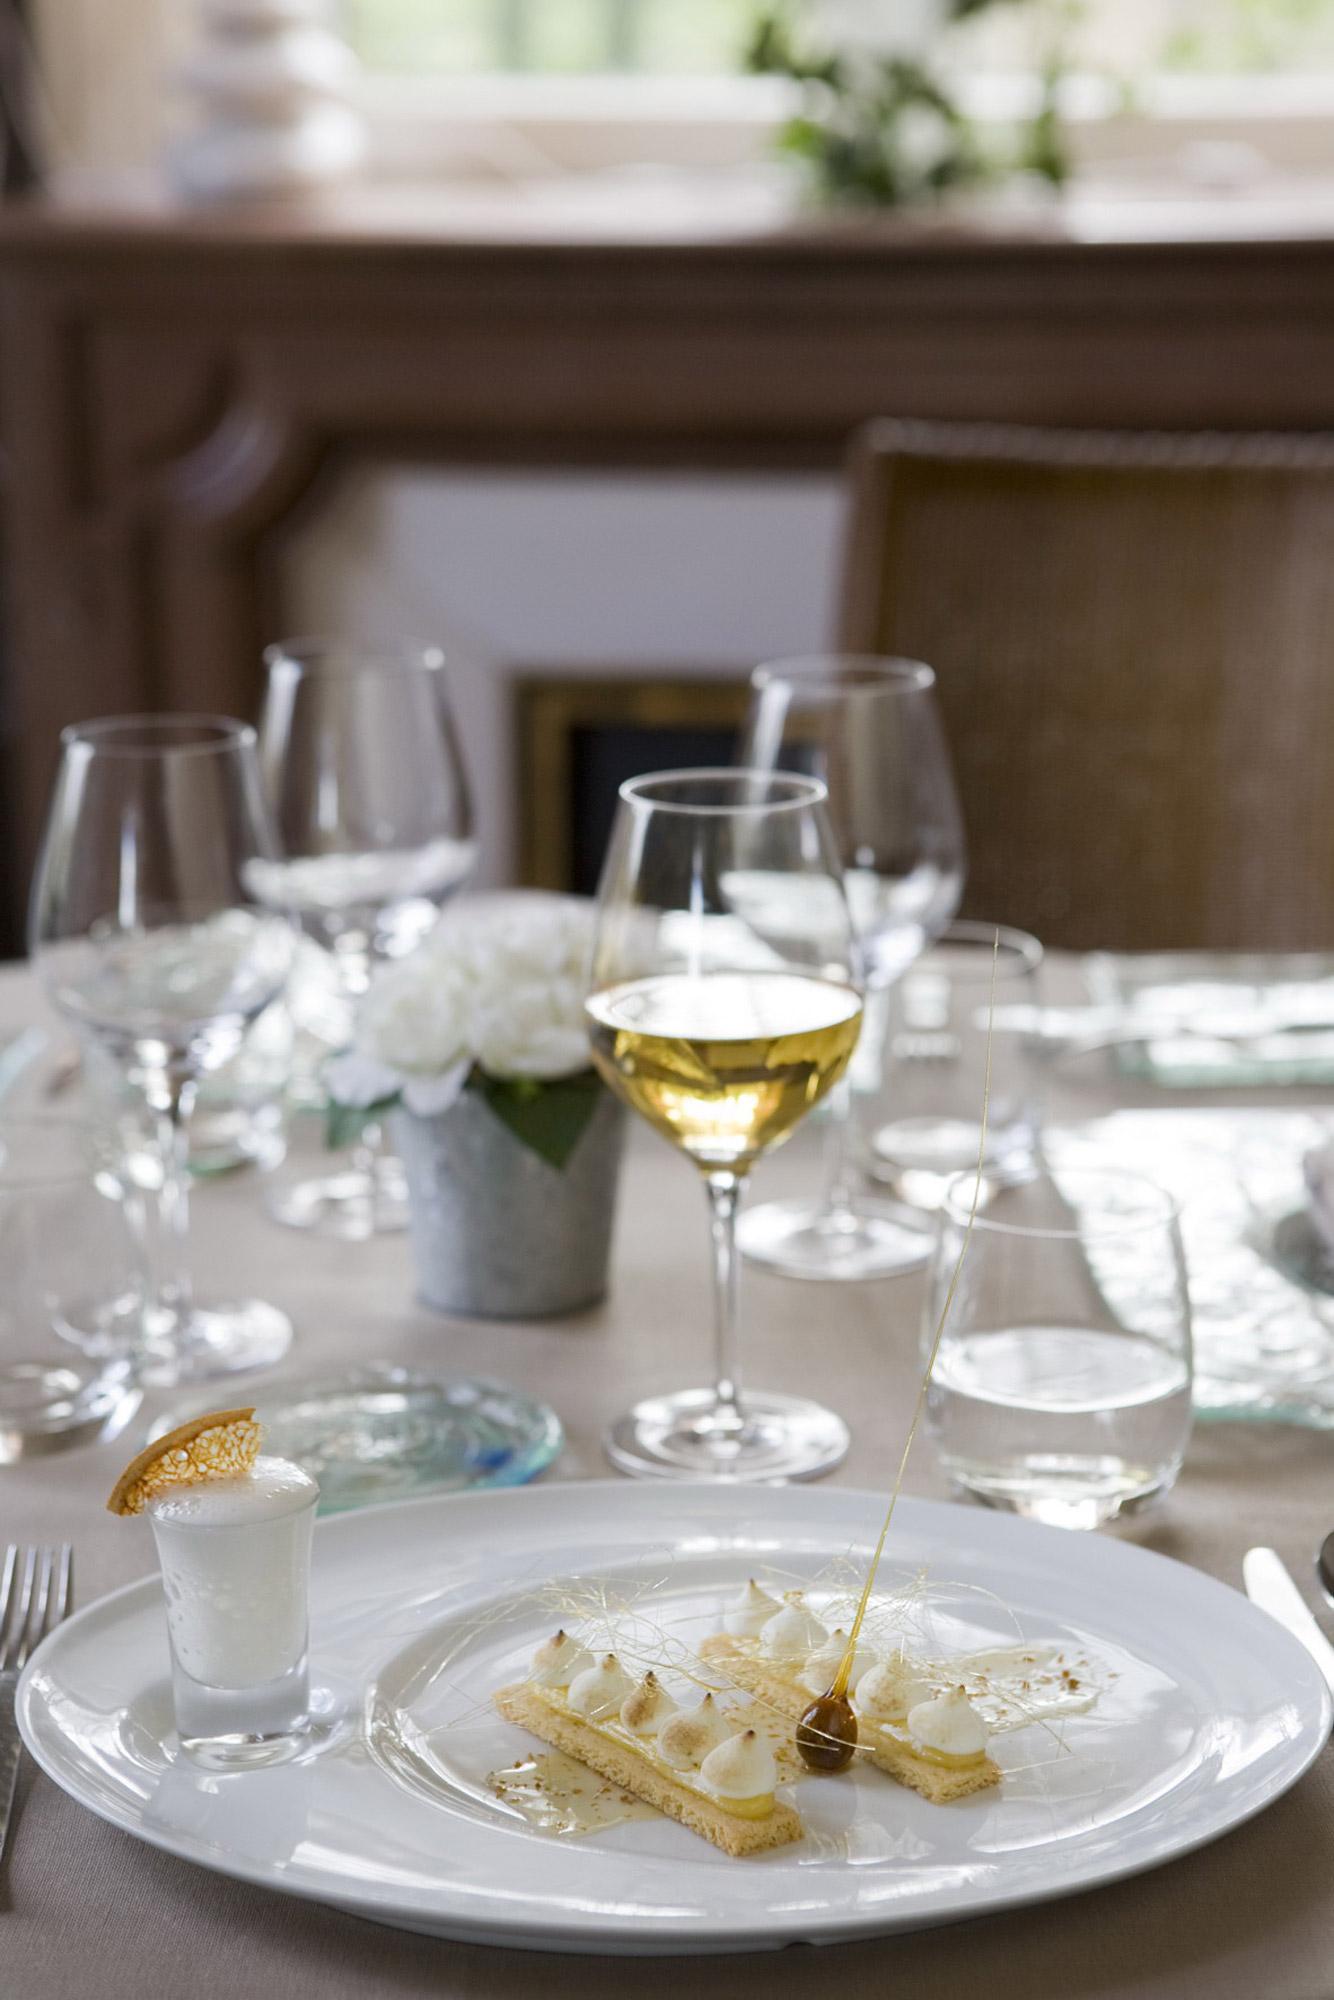 Table gastronomique dressée avec verre de vin blanc et dessert gourmand